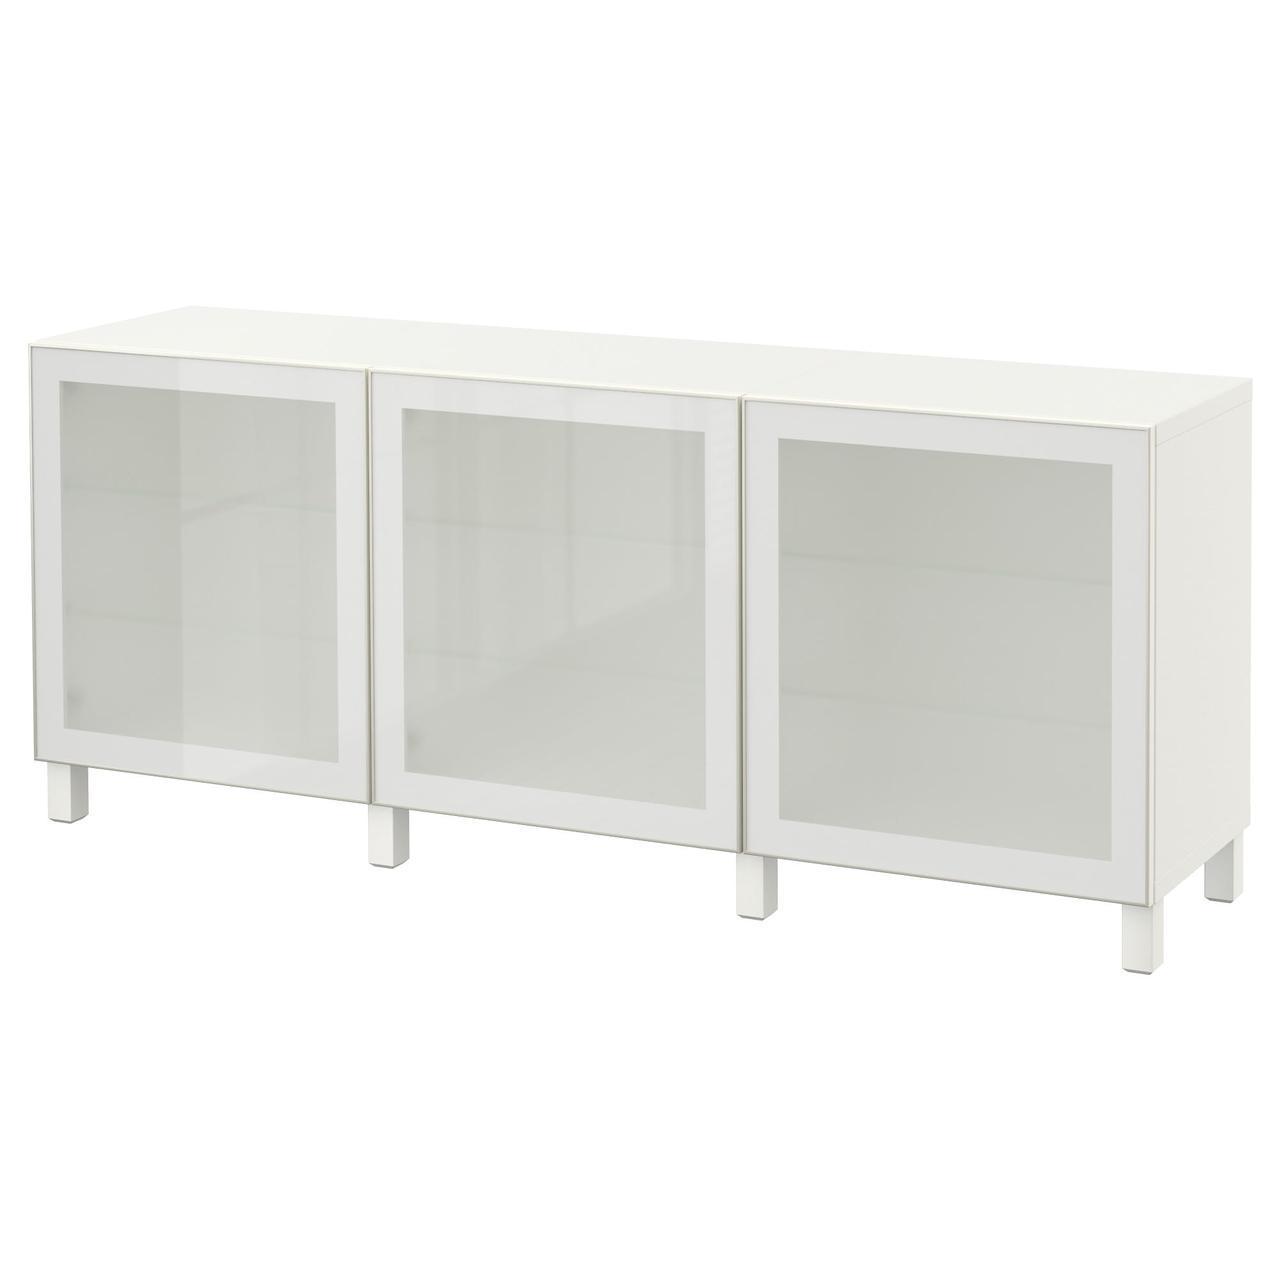 IKEA BESTA (691.399.43) Шкаф/тумба. Комбинация для хранения